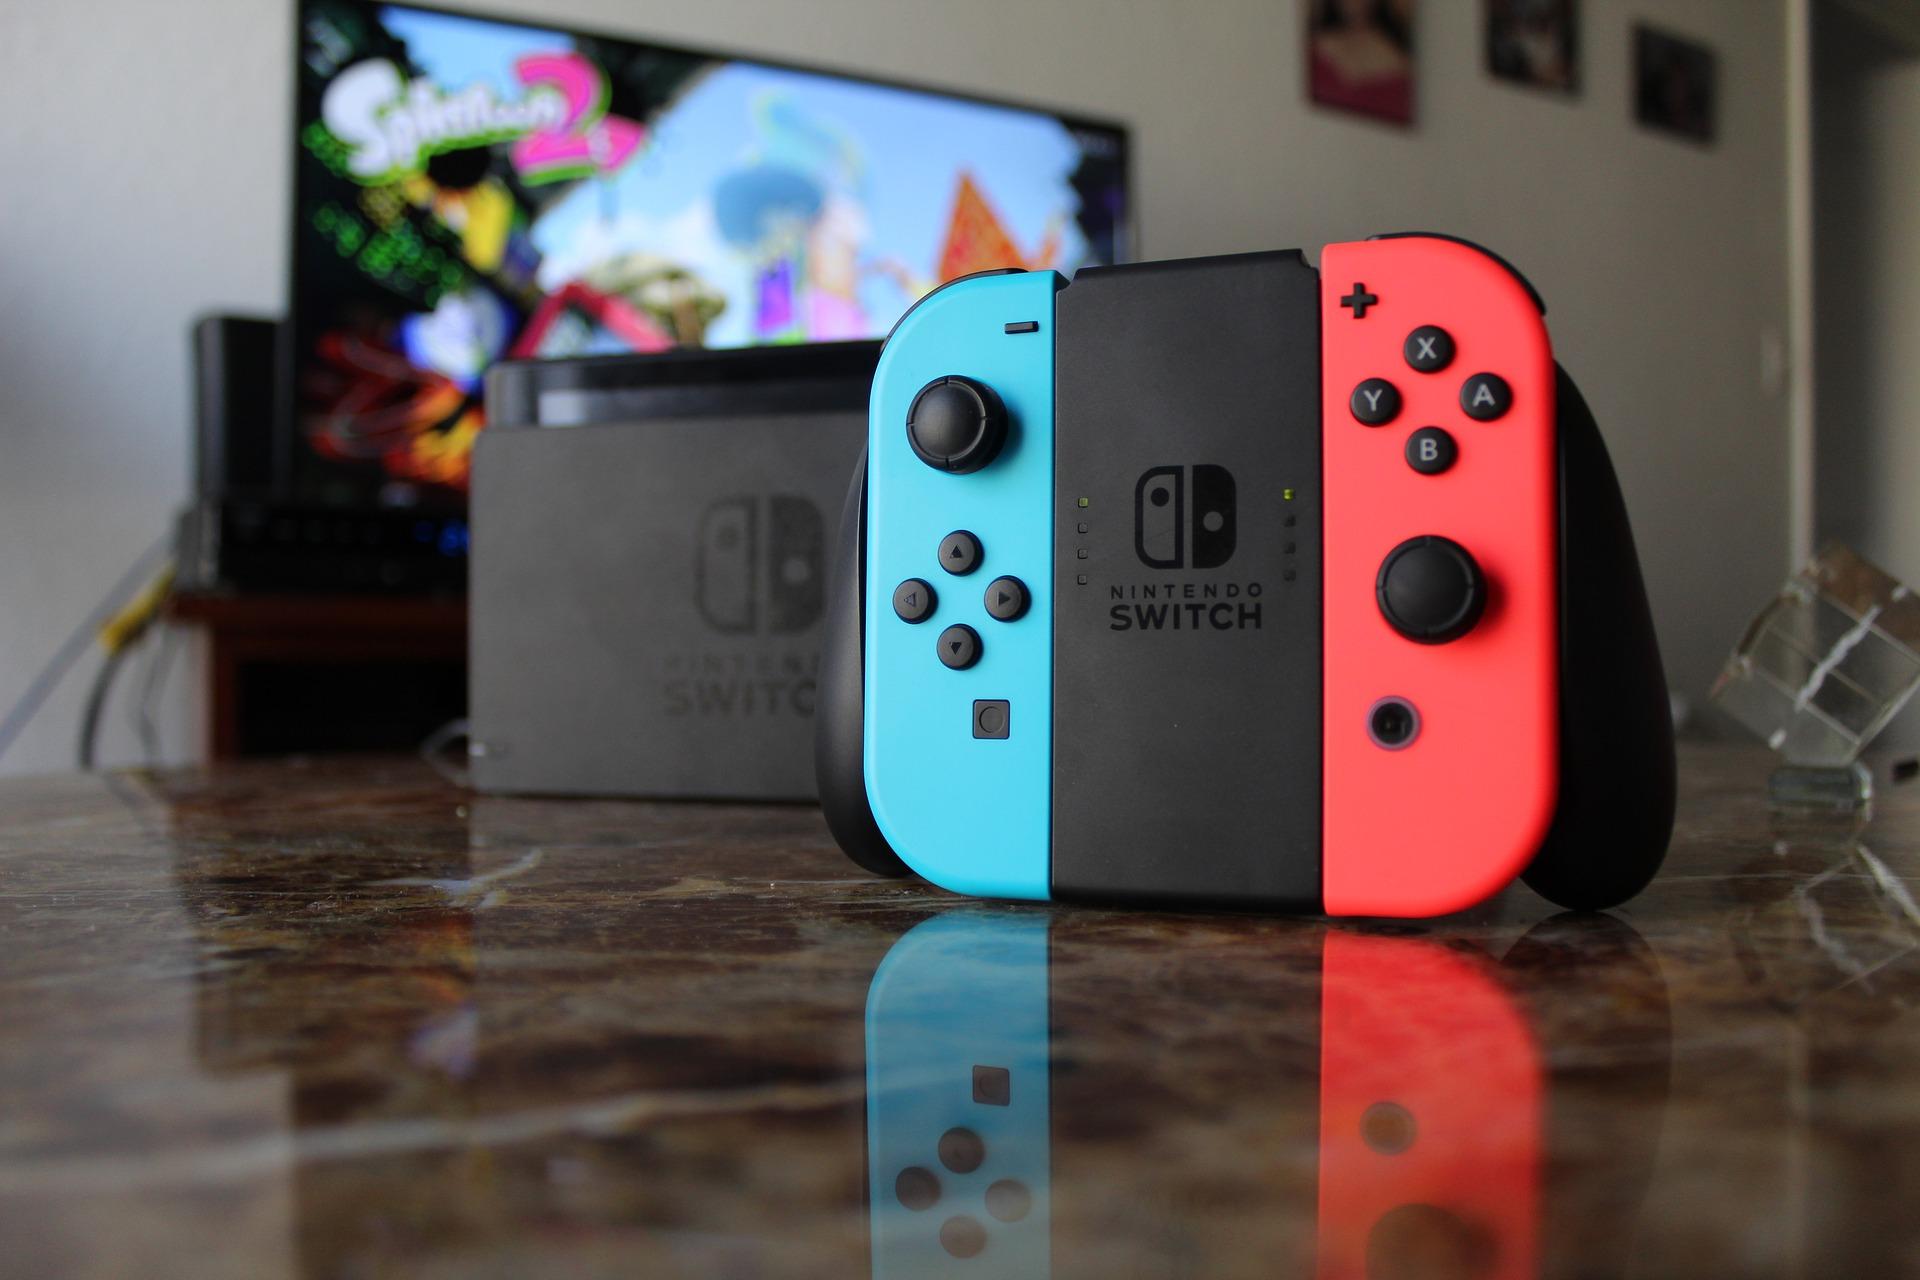 Imagem mostra um nintendo switch em primeiro plano com sua caixa e uma televisão ao fundo.